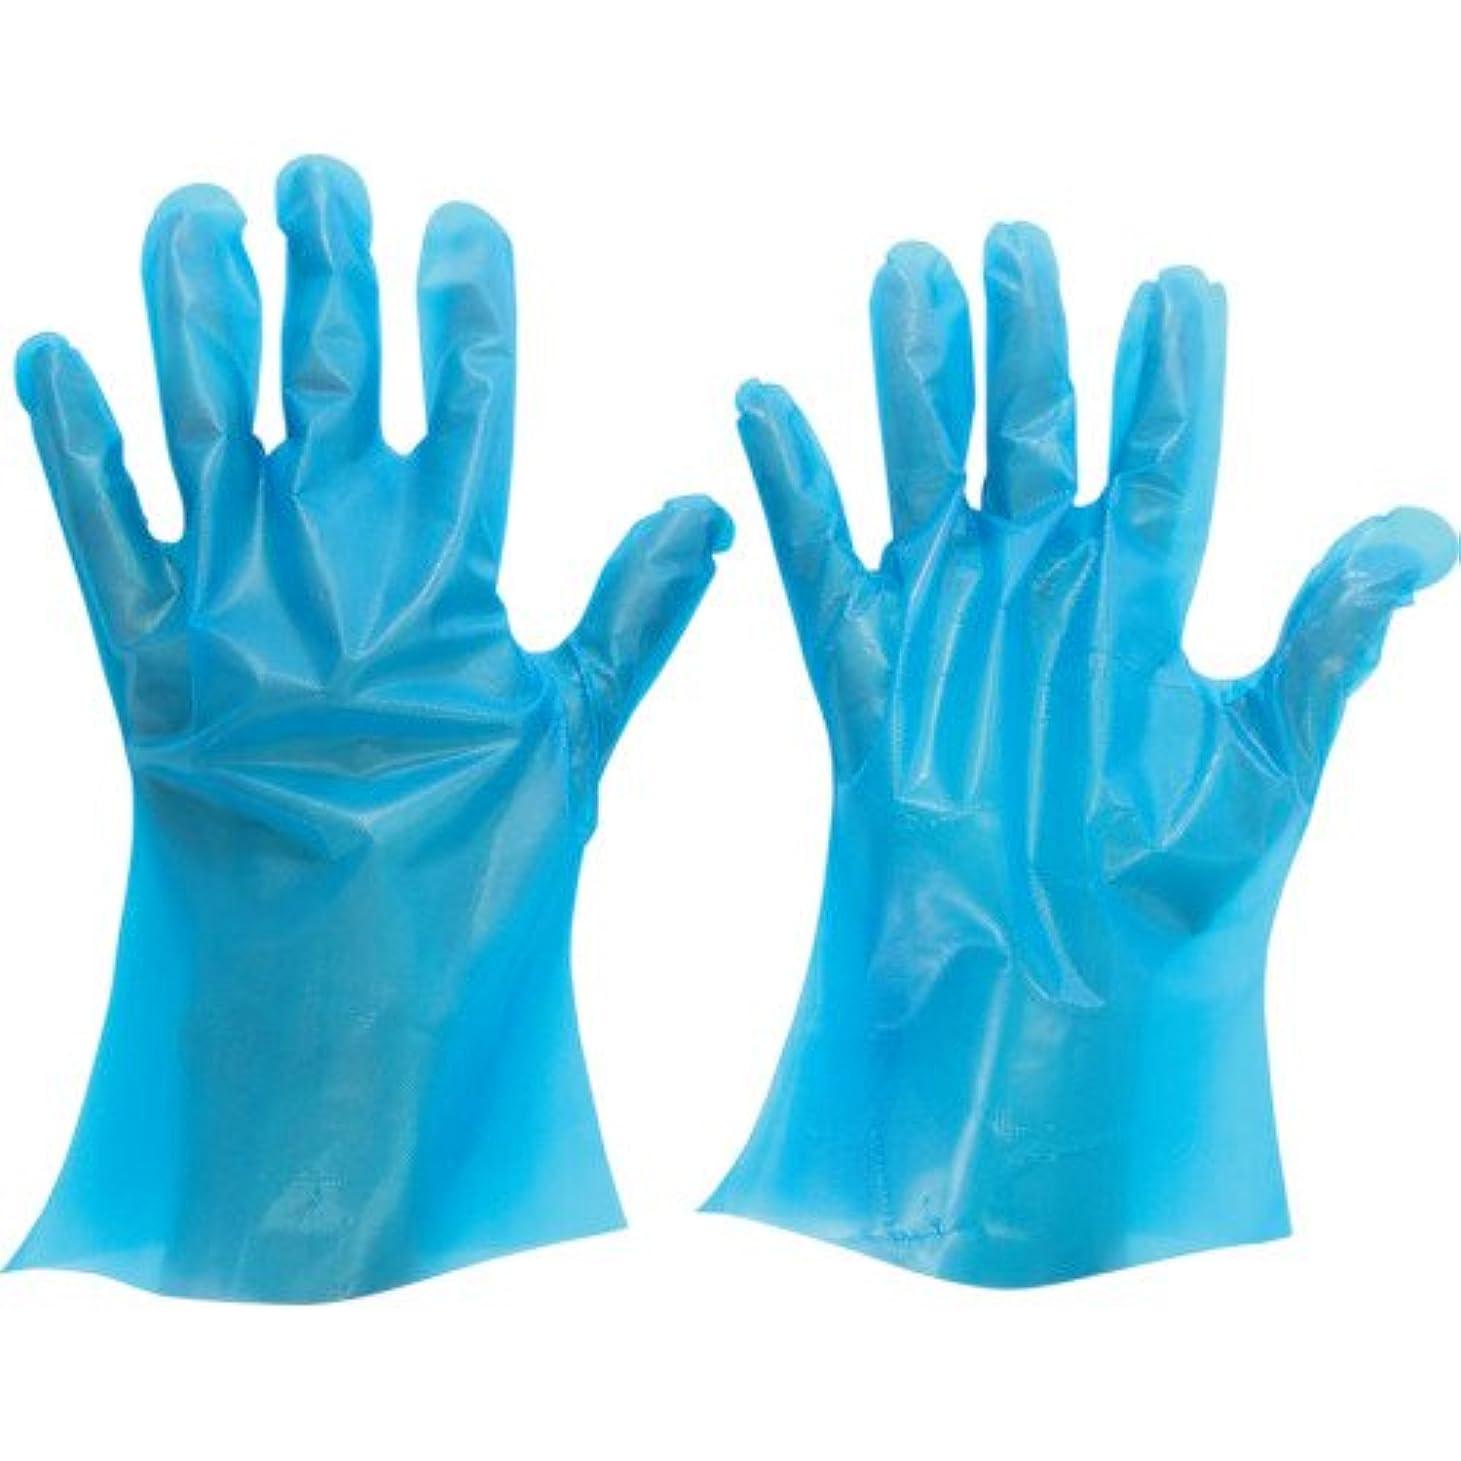 策定する軽蔑するエコーミドリ安全 ポリエチレン使い捨て手袋 厚手 外エンボス 200枚入 青 SS VERTE566NSS